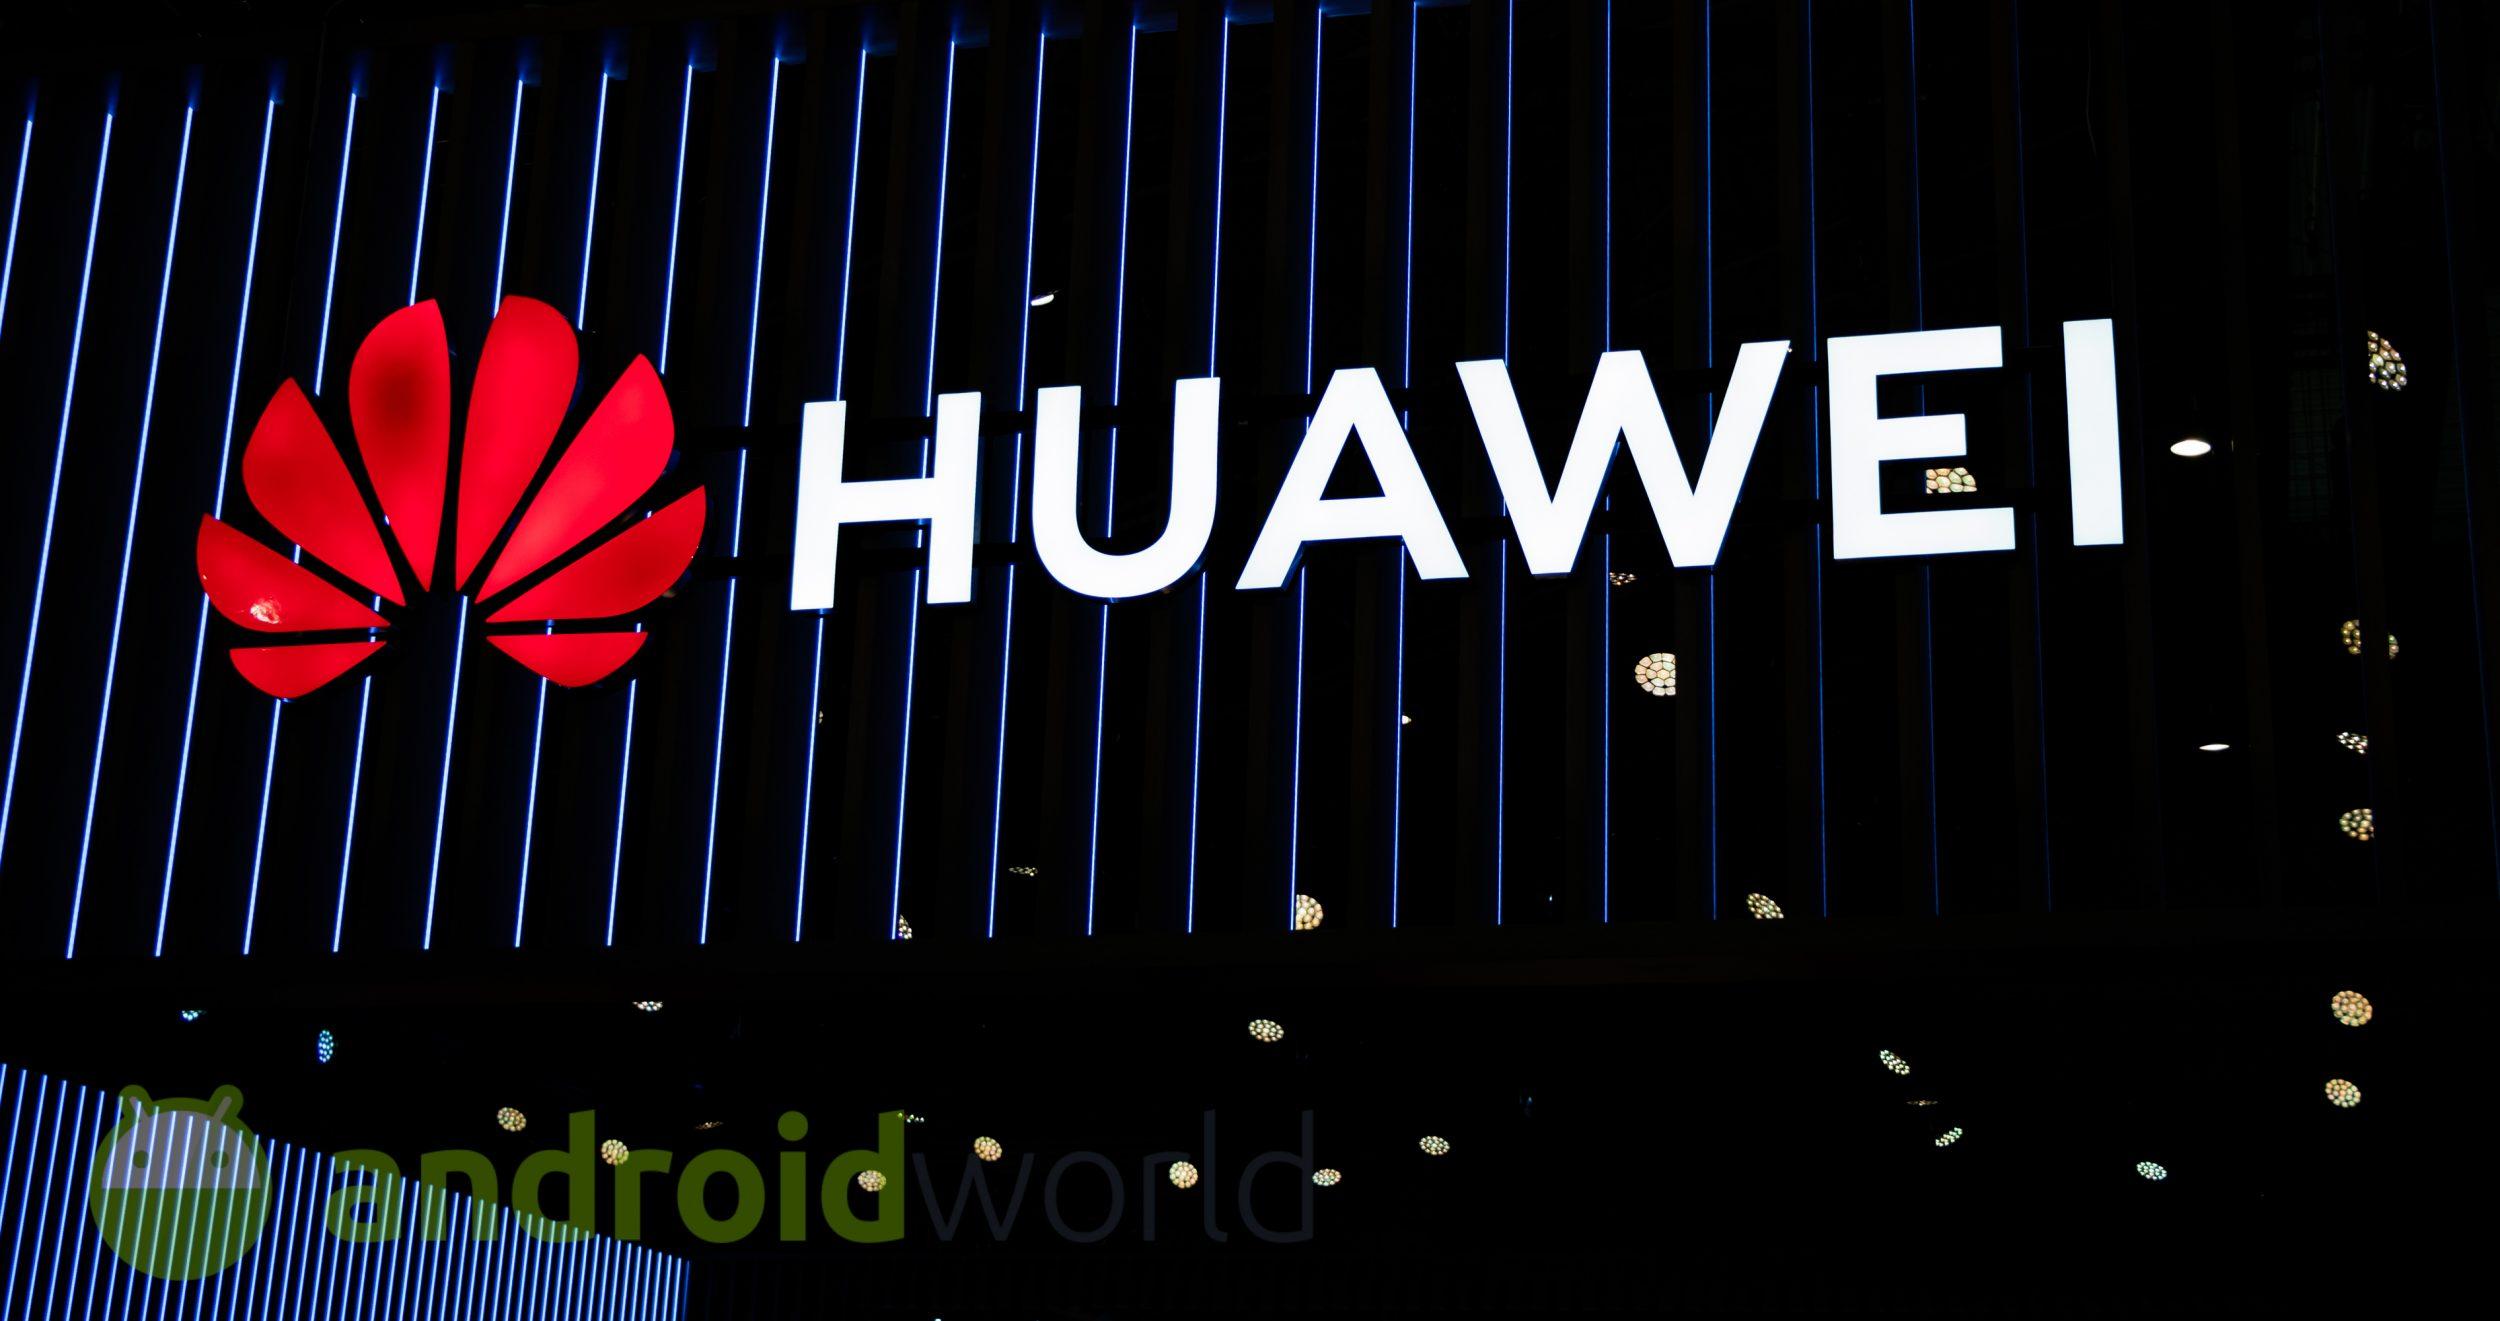 Huawei ha fissato un nuovo evento per il 21 giugno: toccherà alla famiglia Nova 5 e a MediaPad M6 (foto)